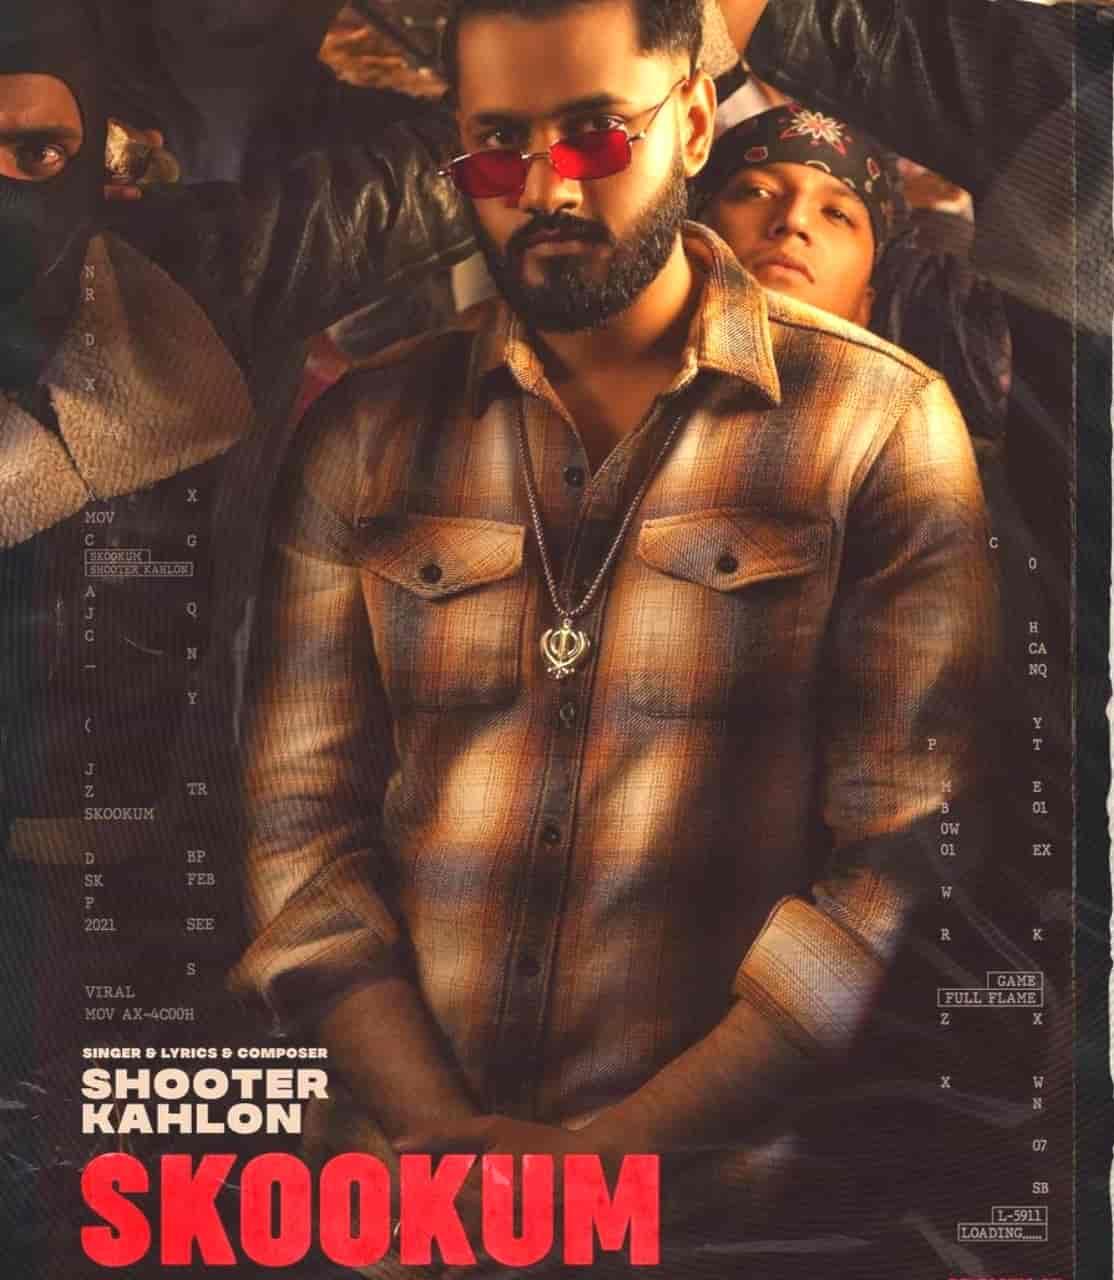 Skookum Punjabi Song Lyrics Shooter Kahlon